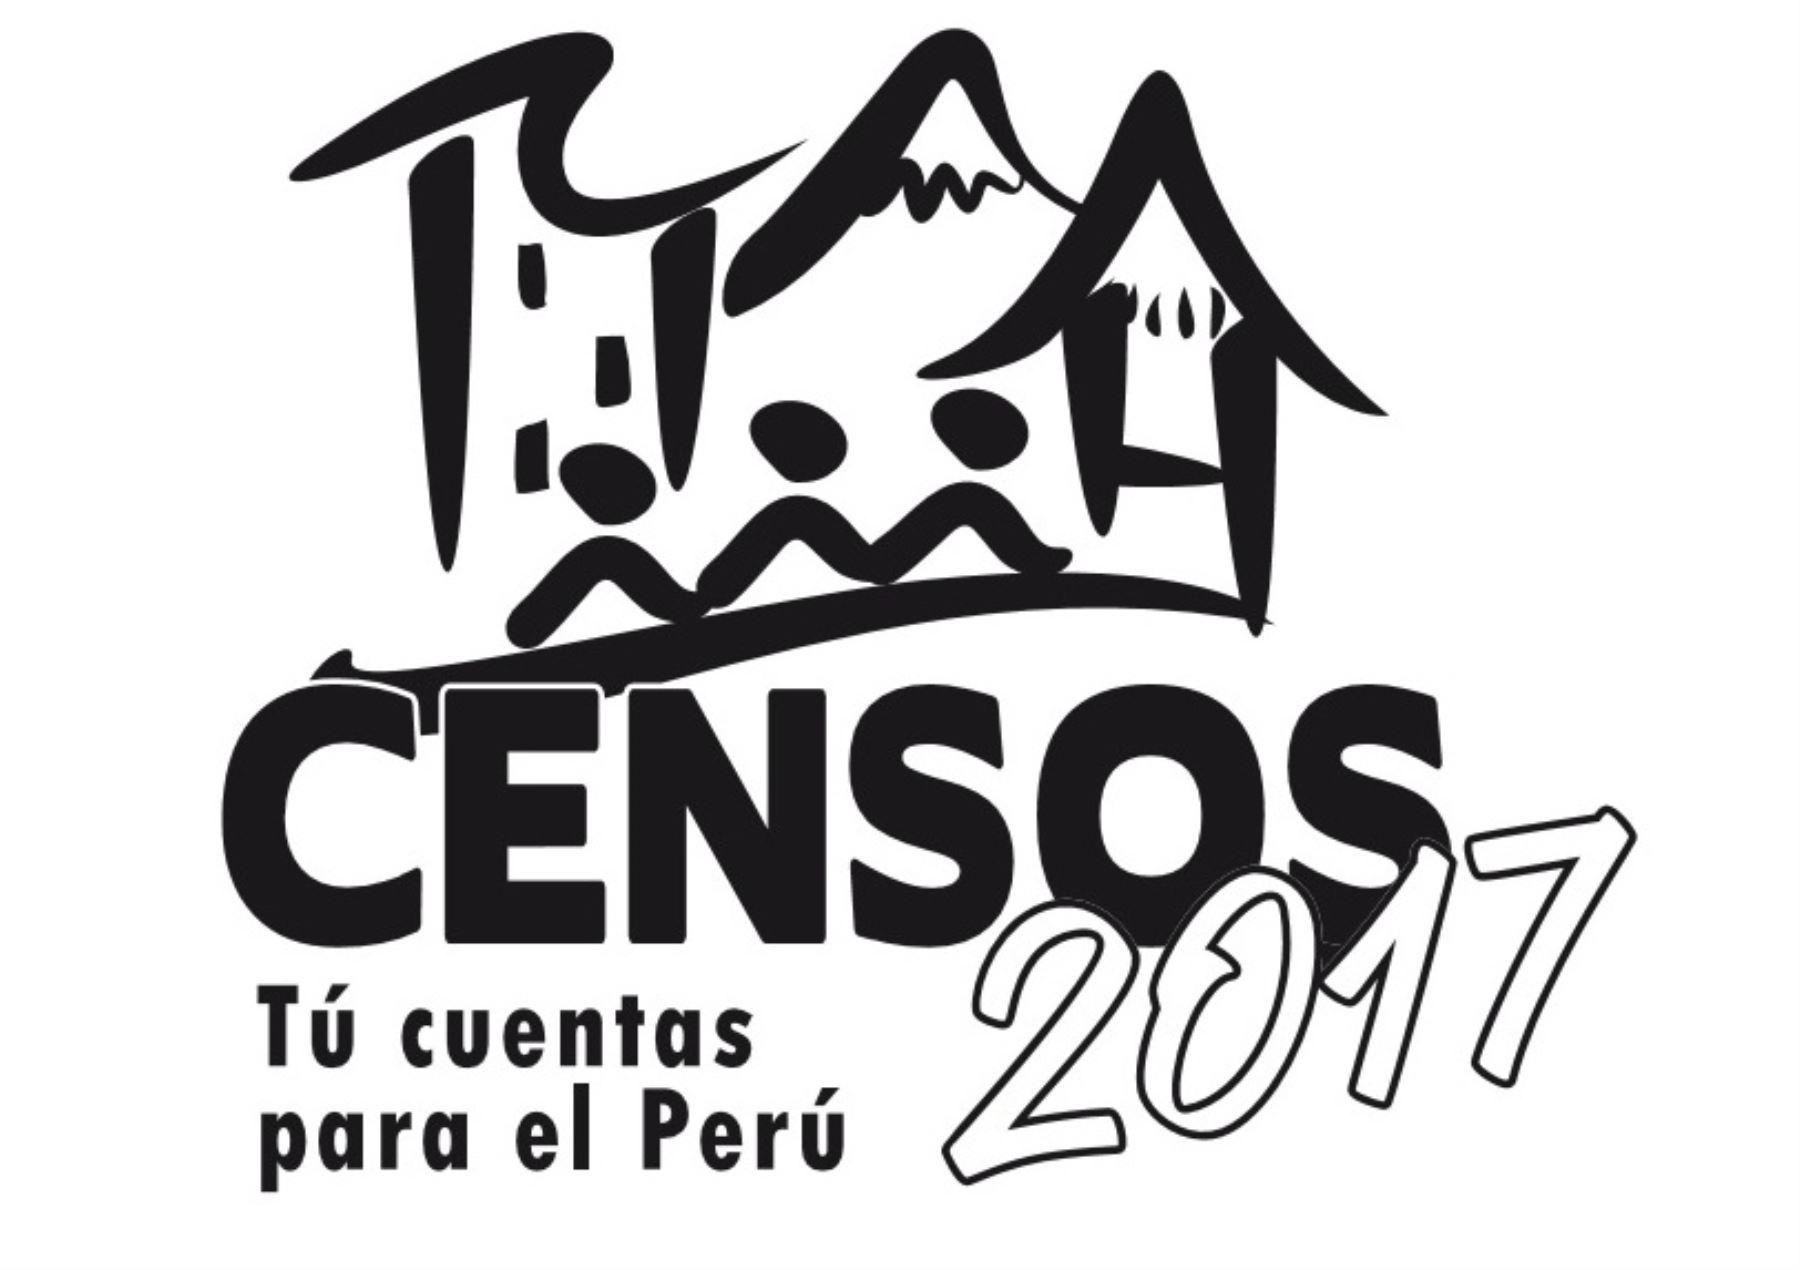 Con el eslogan se busca que la población pueda identificarse con la importancia de su rol en el censo.